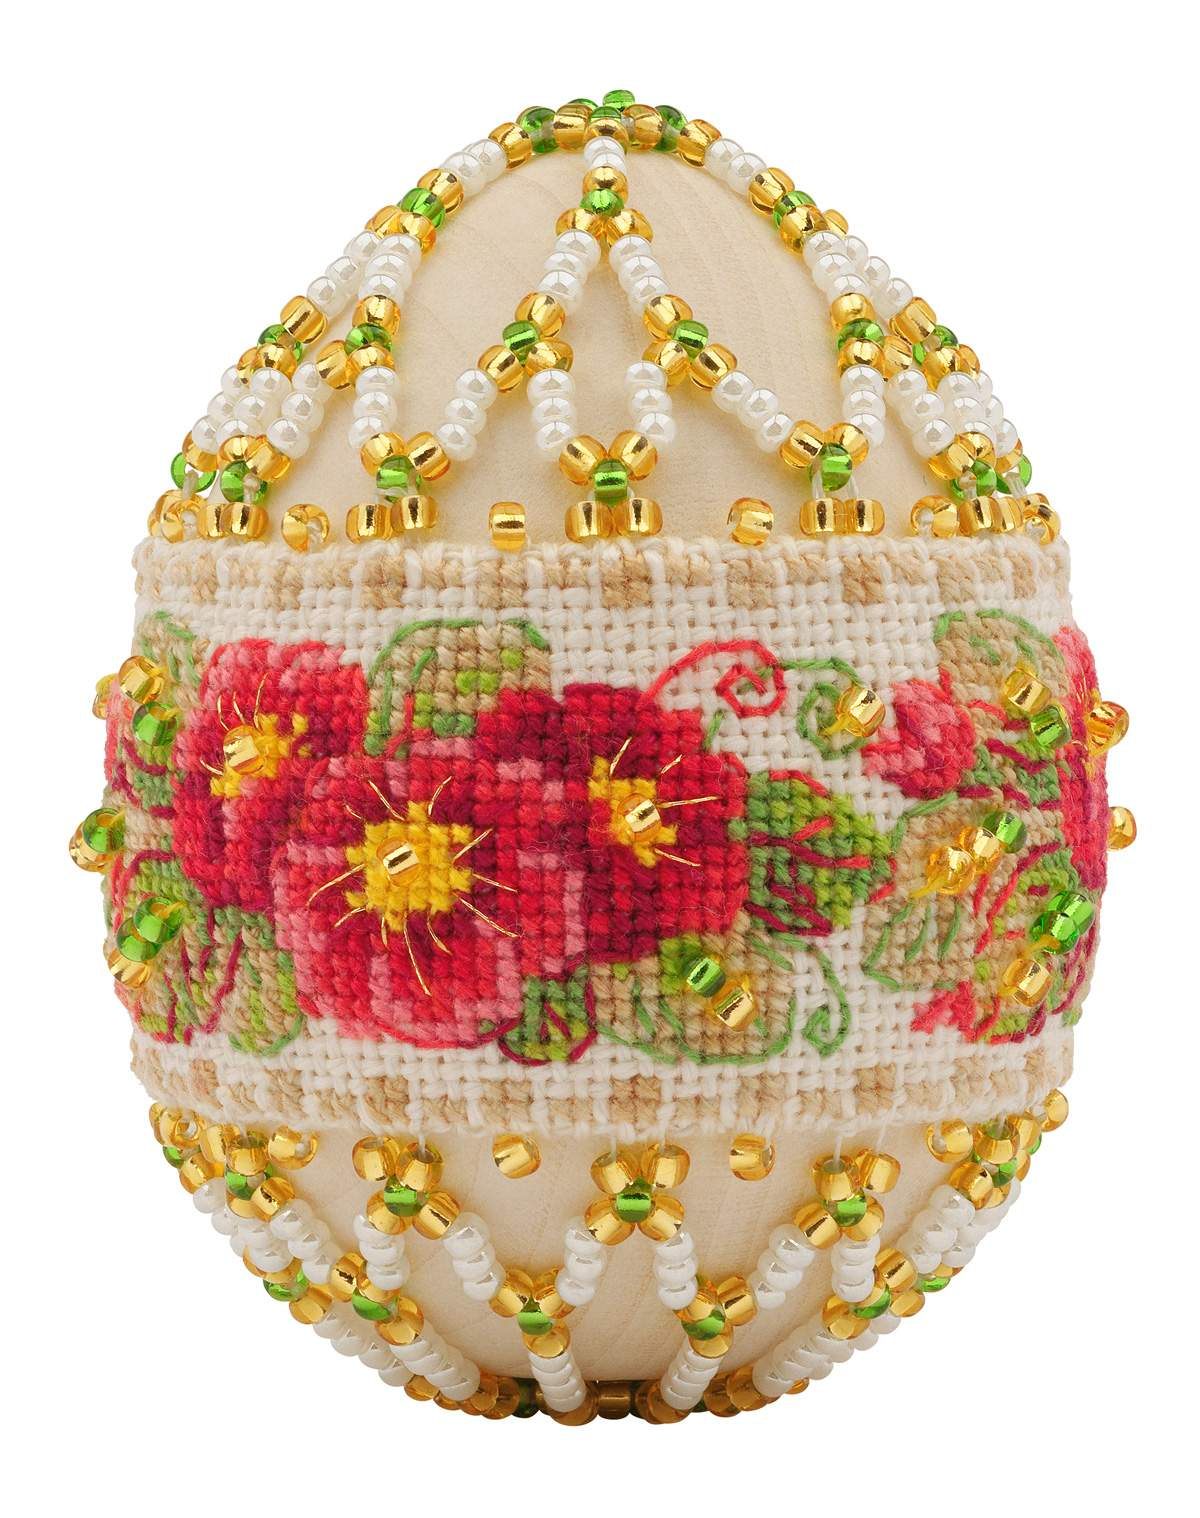 пасхальное яйцо Примула